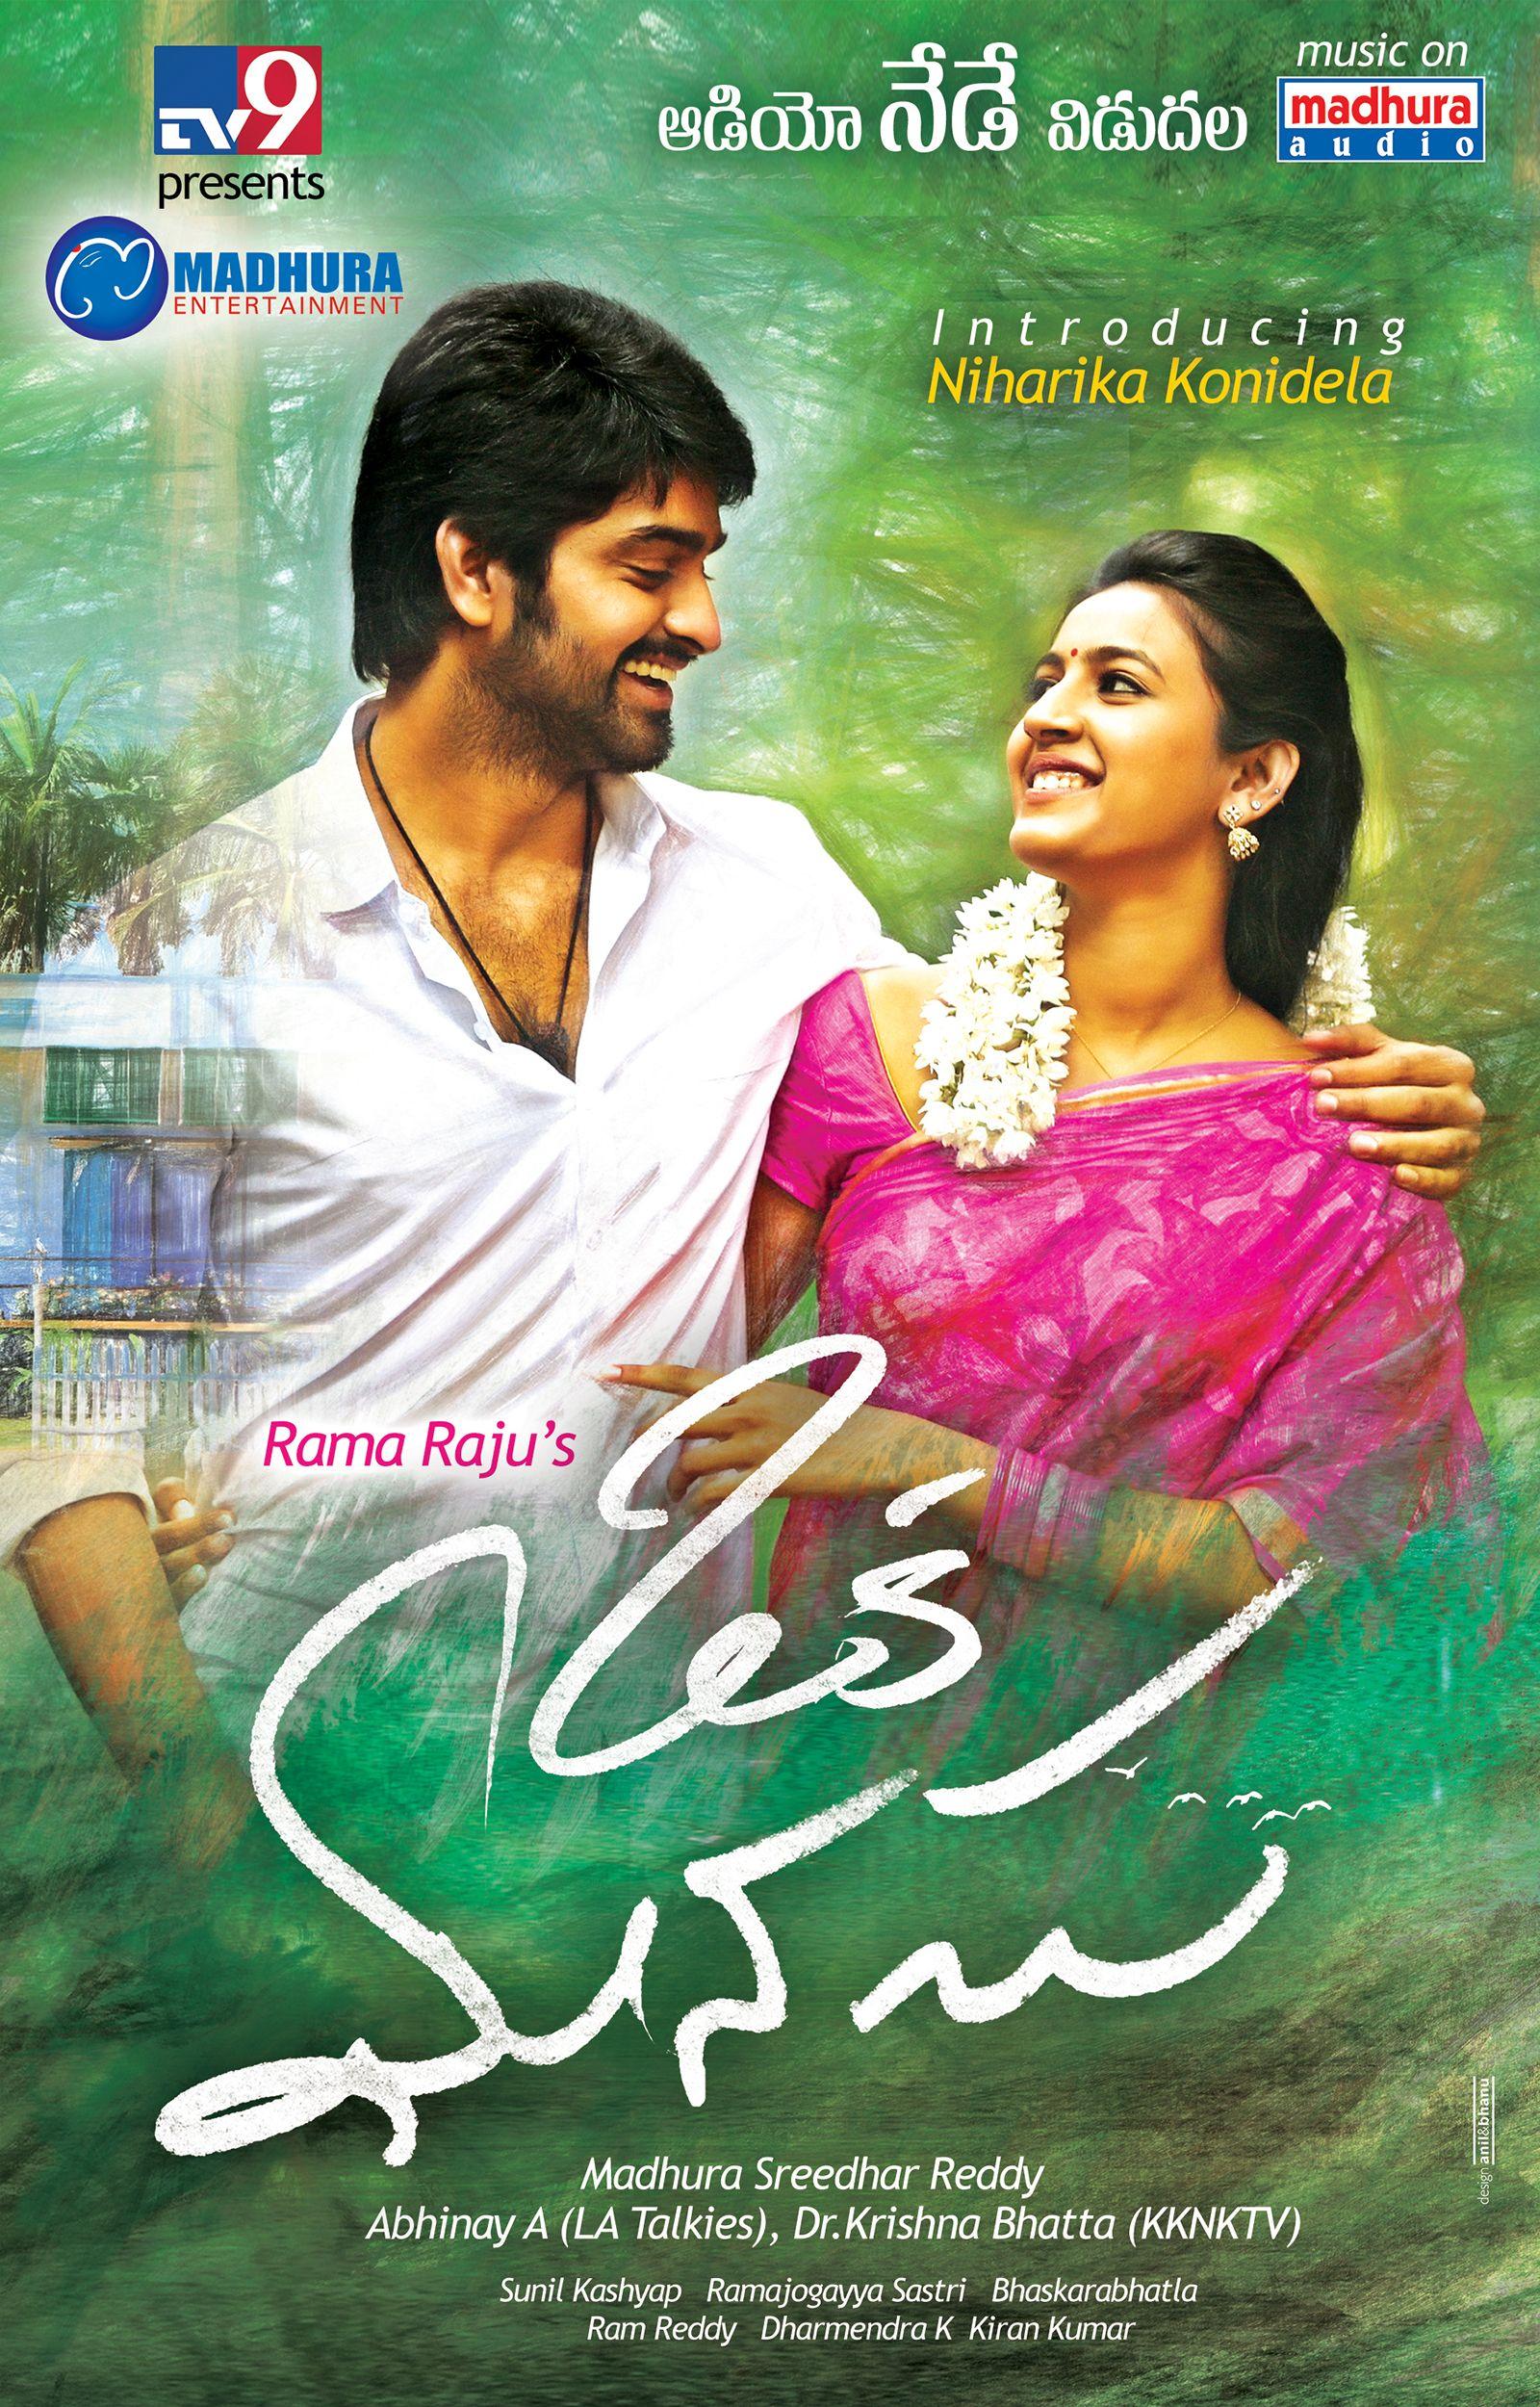 Oka Manasu Movie Posters | Telugu movies, New movie ...